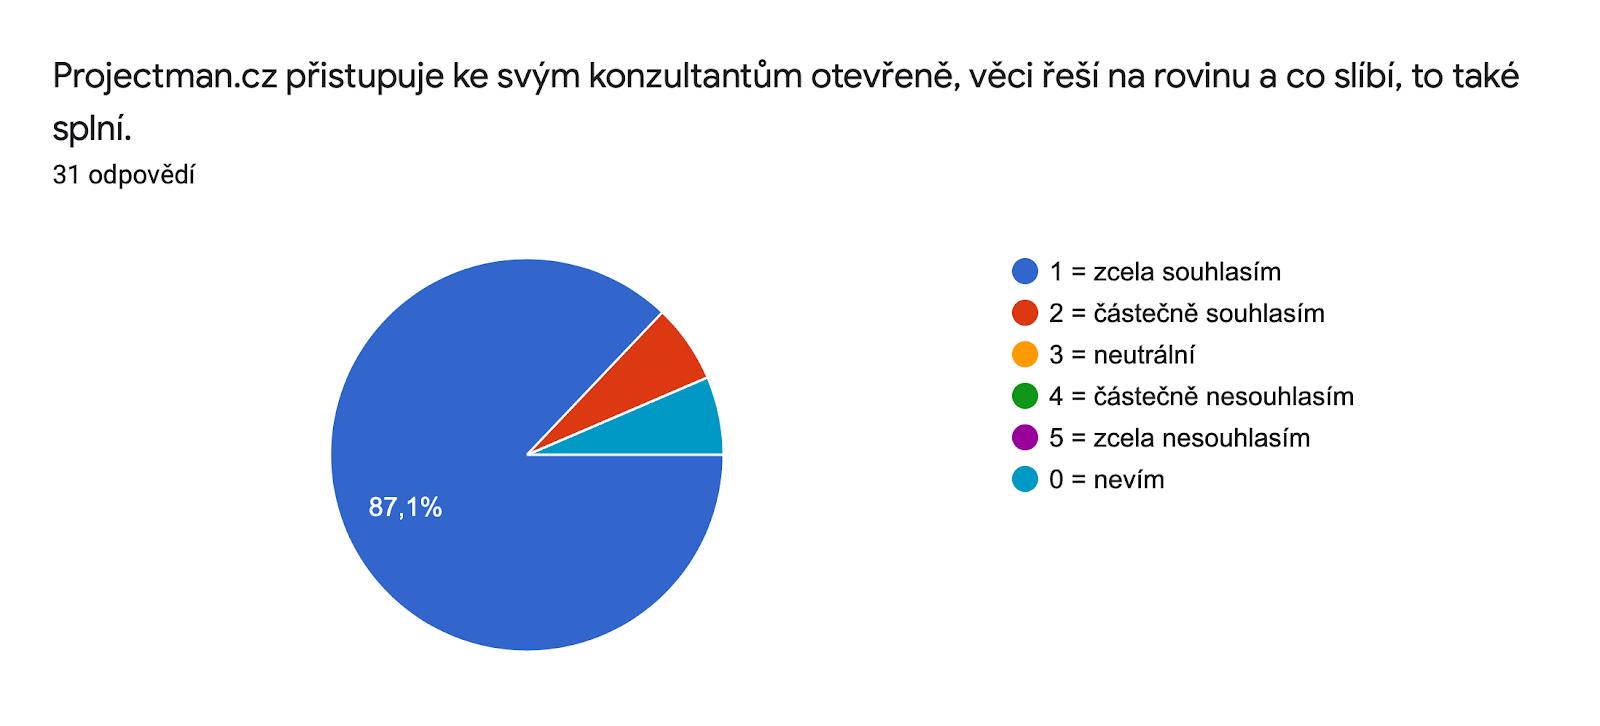 Graf odpovědí Formulářů. Název otázky: Projectman.cz přistupuje ke svým konzultantům otevřeně, věci řeší na rovinu a co slíbí, to také splní.. Počet odpovědí: 31 odpovědí.